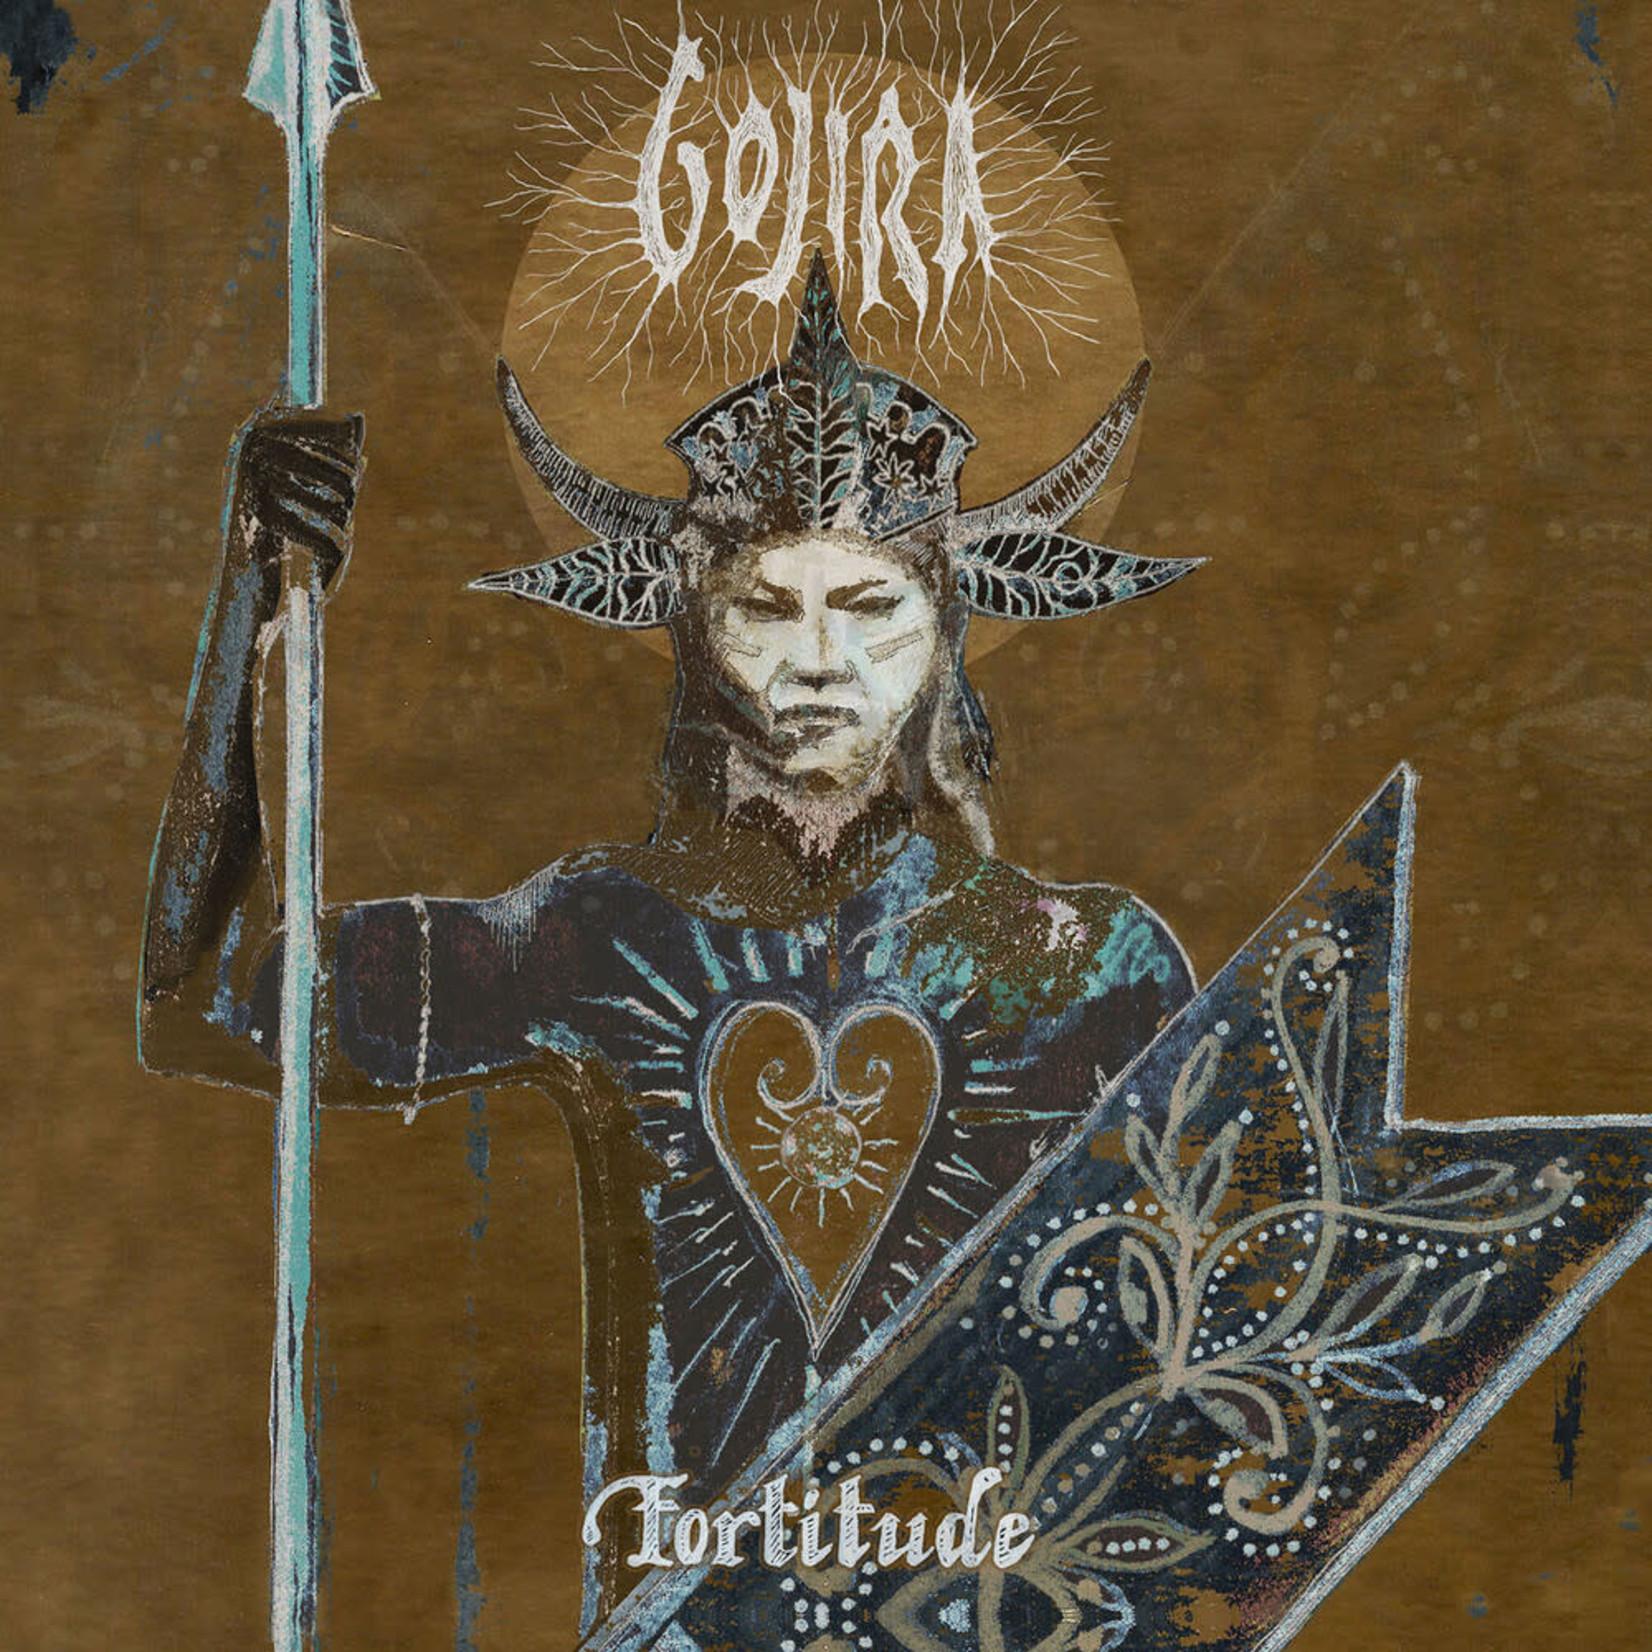 GOJIRA FORTITUDE (INDIE BLACK ICE LP)